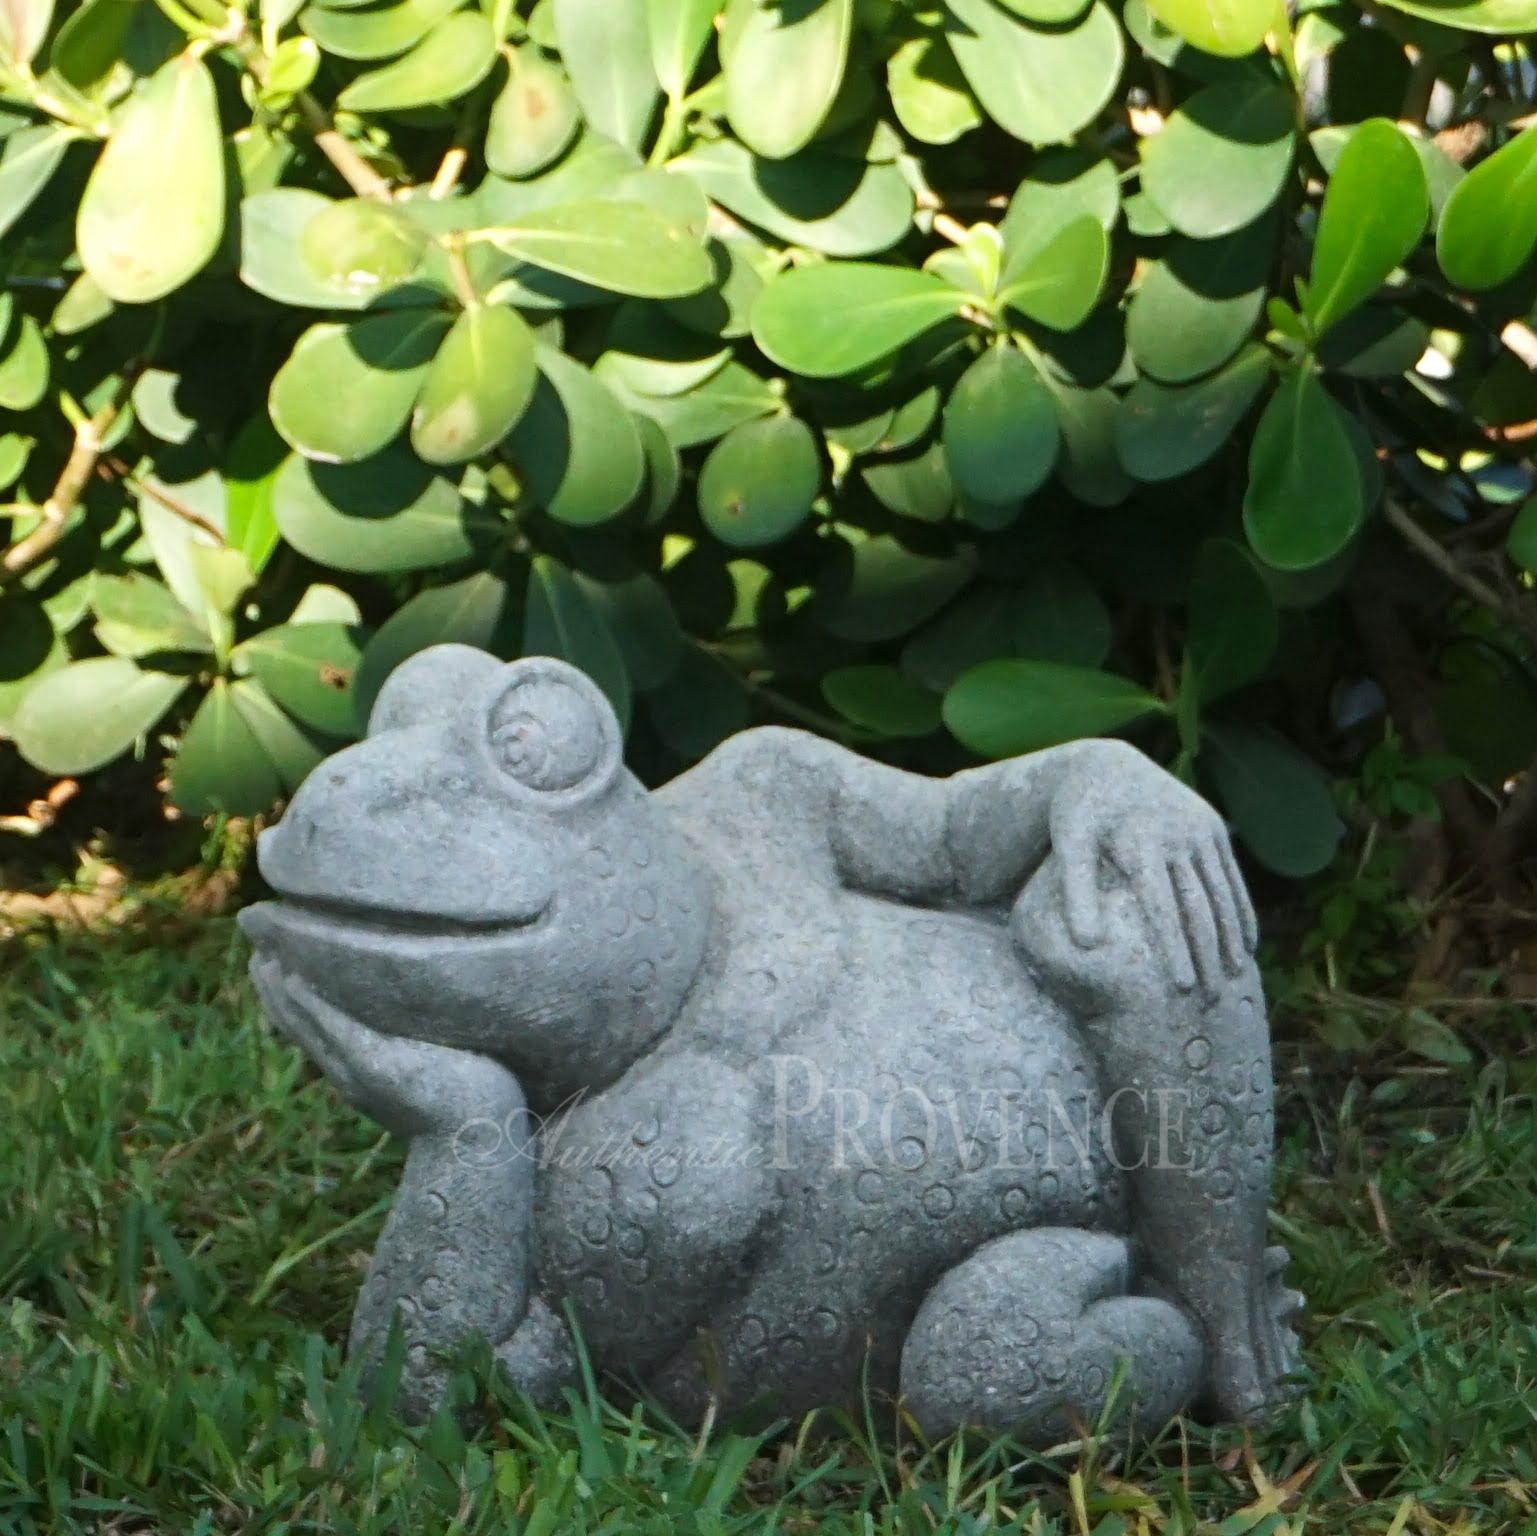 La Rana Relax Statuette